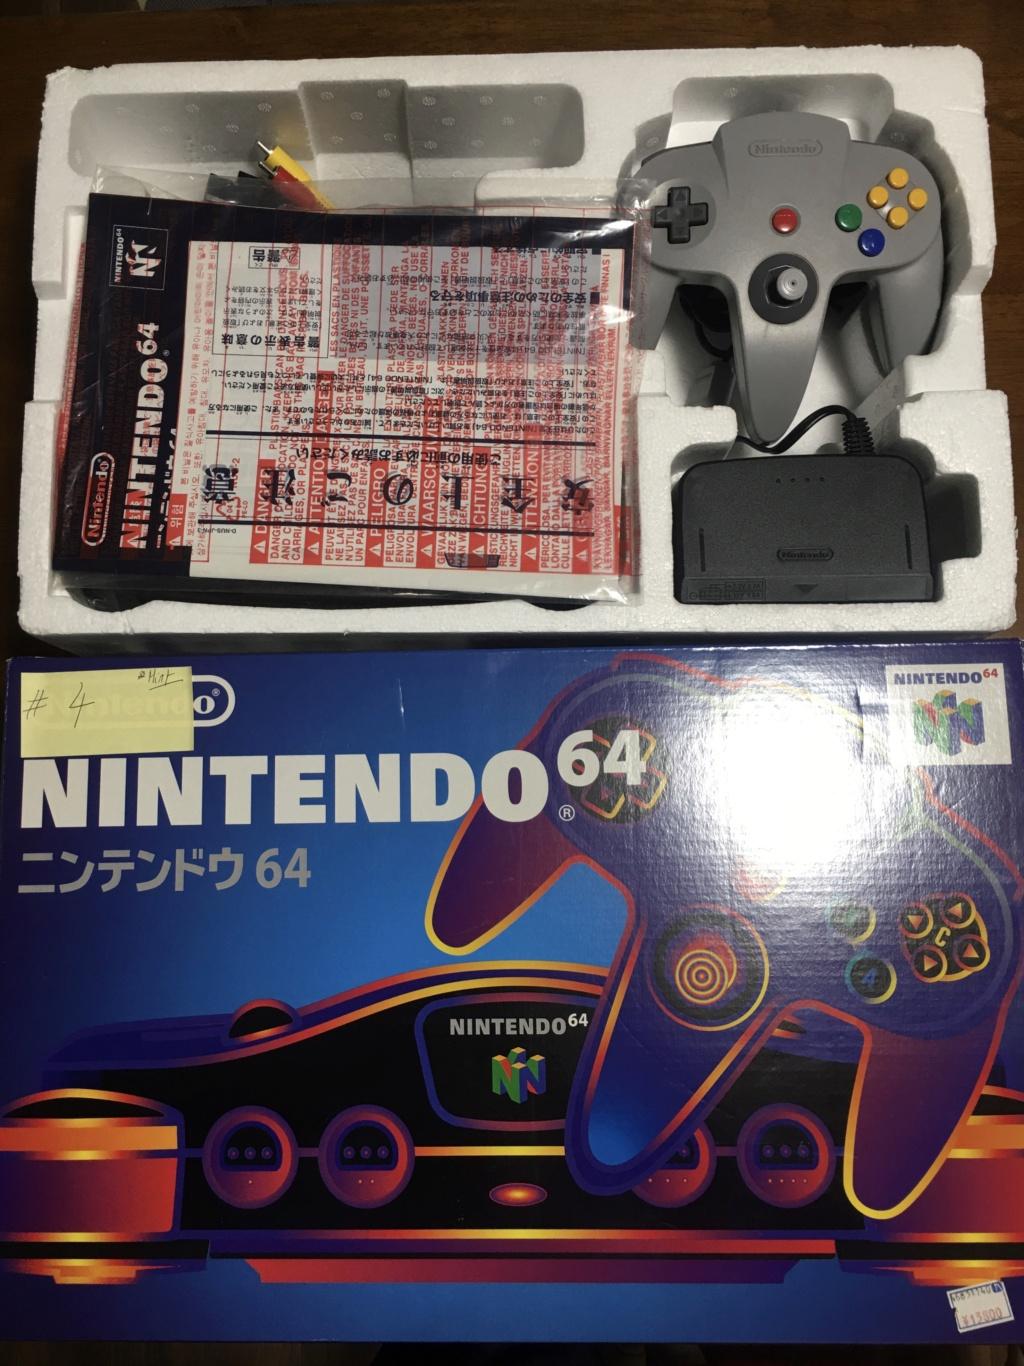 A vendre  N64 Jap x 6 CIB 27f2fc10